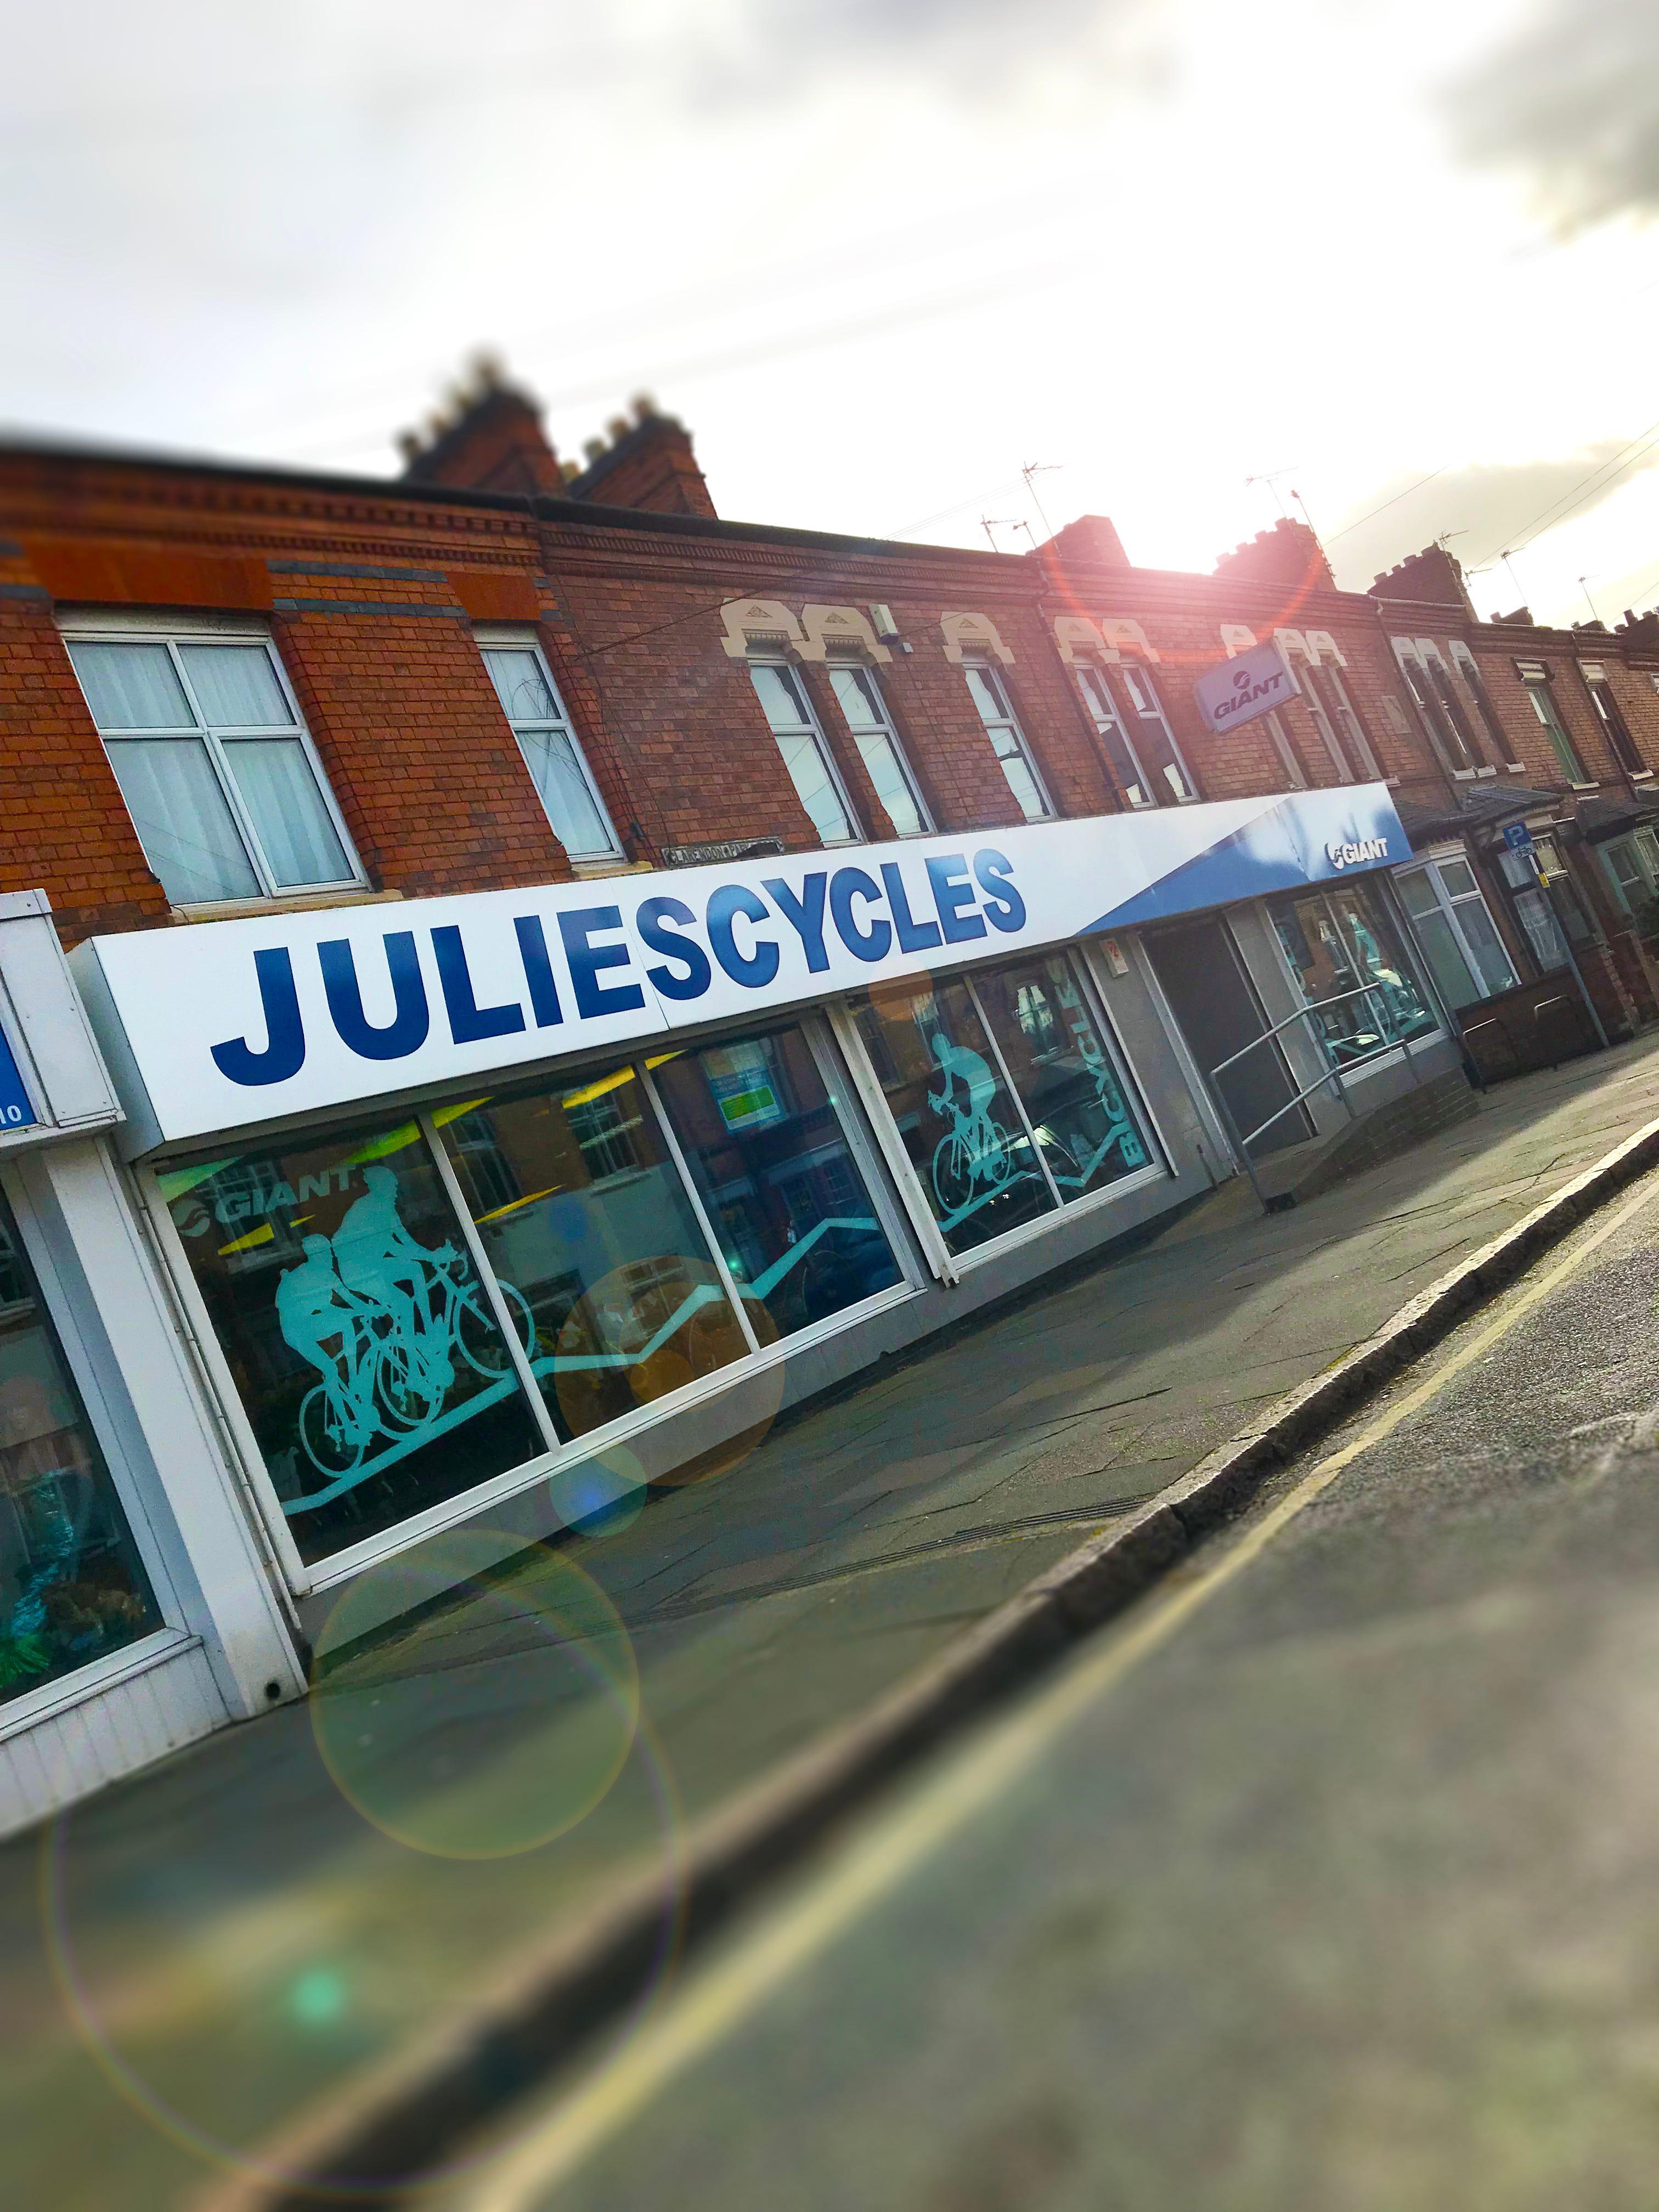 Julies Cycles